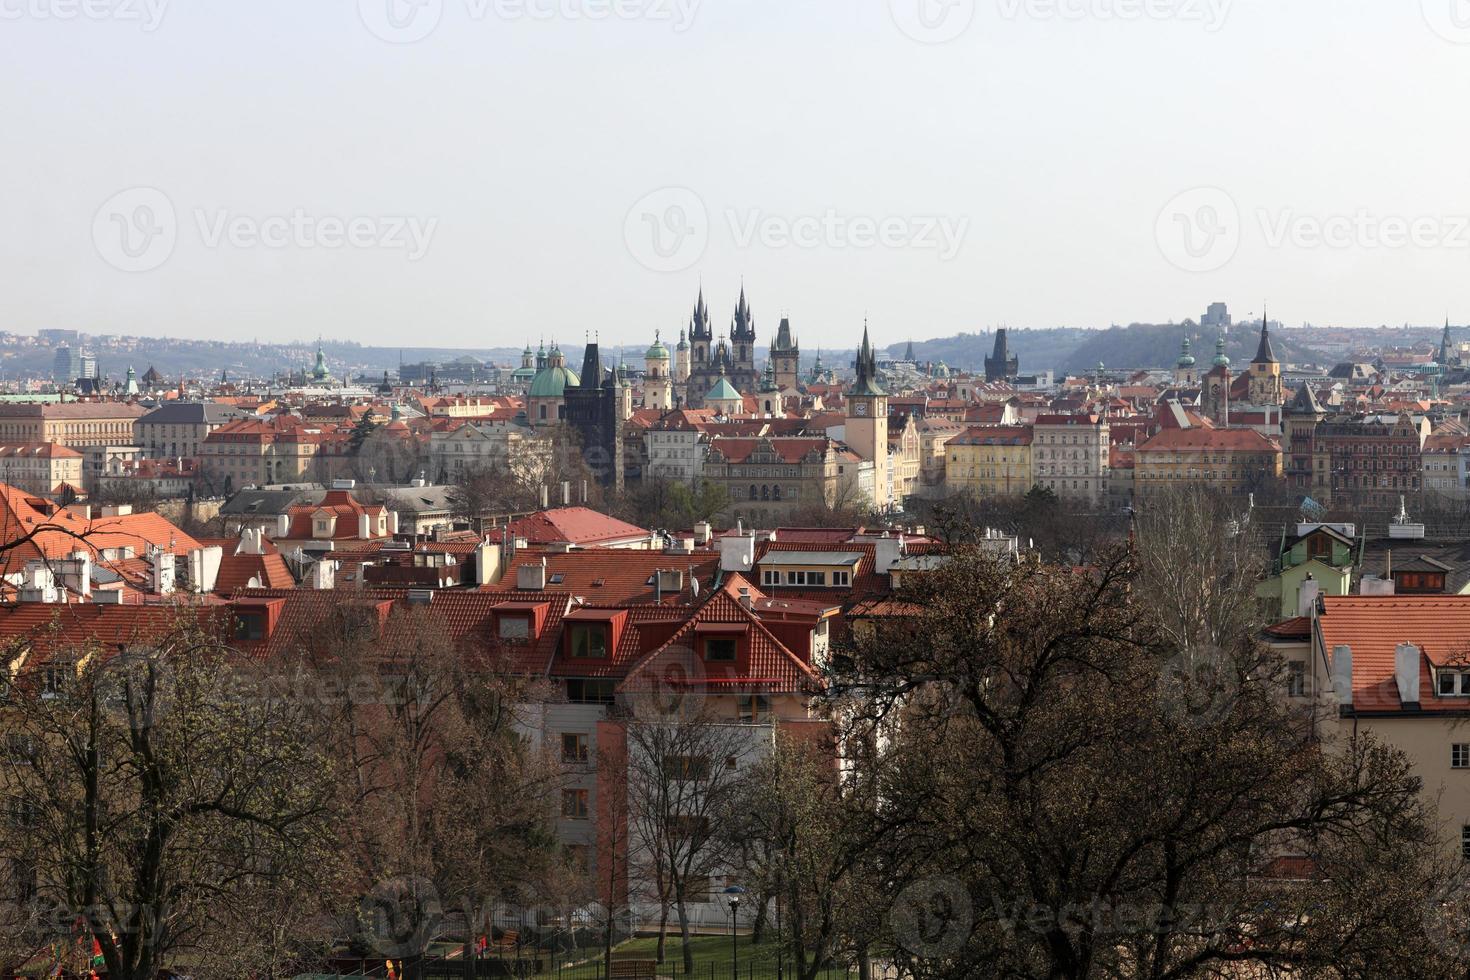 st. vitus kathedraal landschap foto